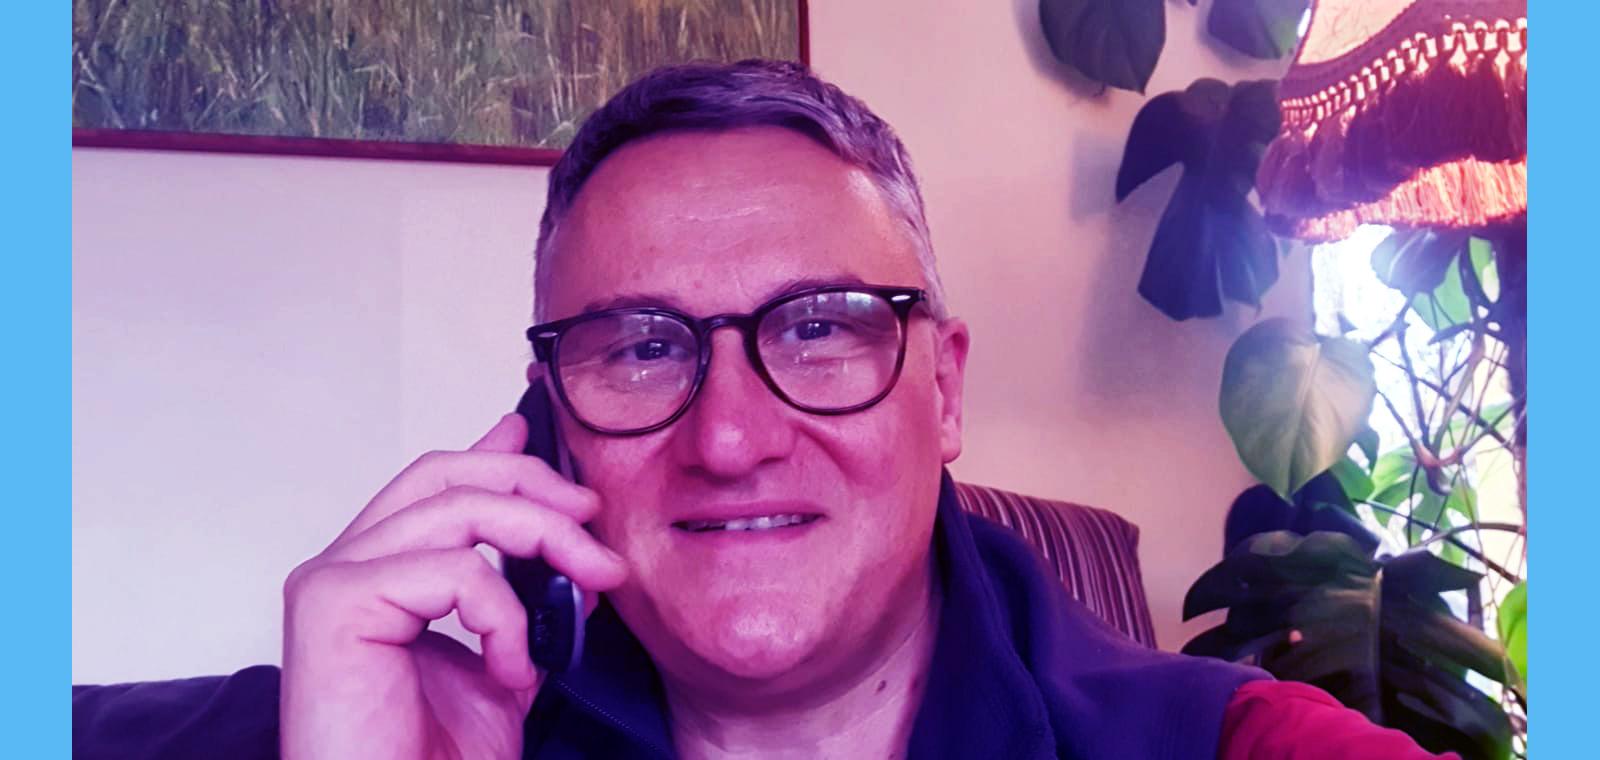 Wywiad z dyr. Arturem Abramowiczem w TOKFM